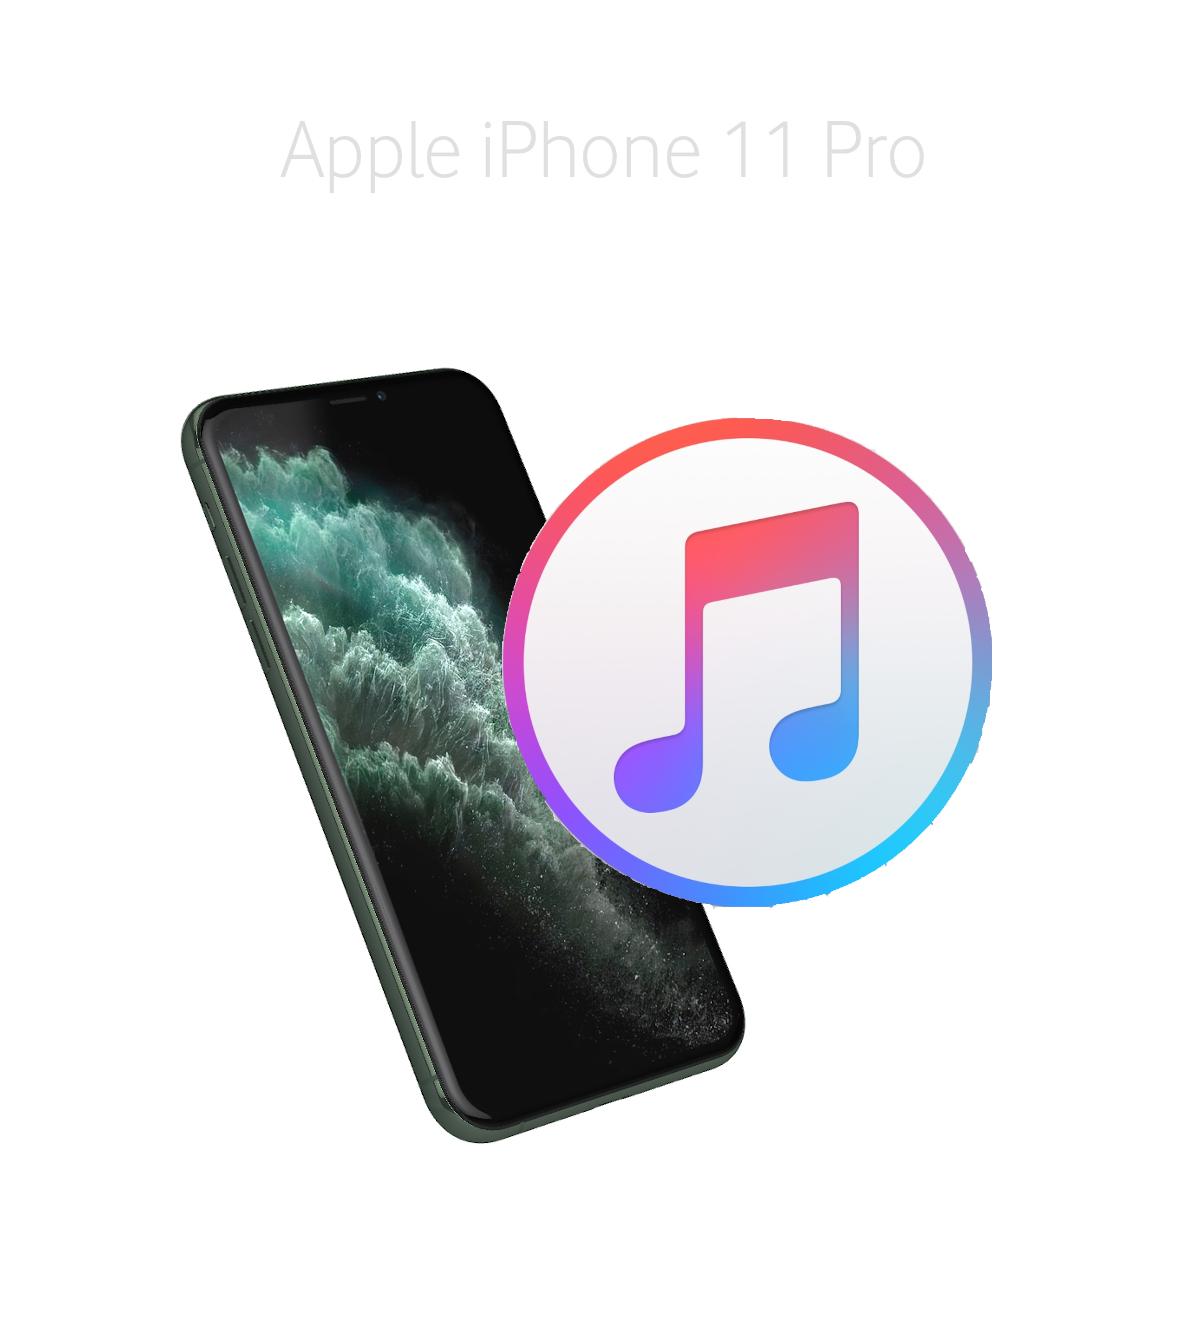 Mjukvara/Återställa iPhone 11 Pro